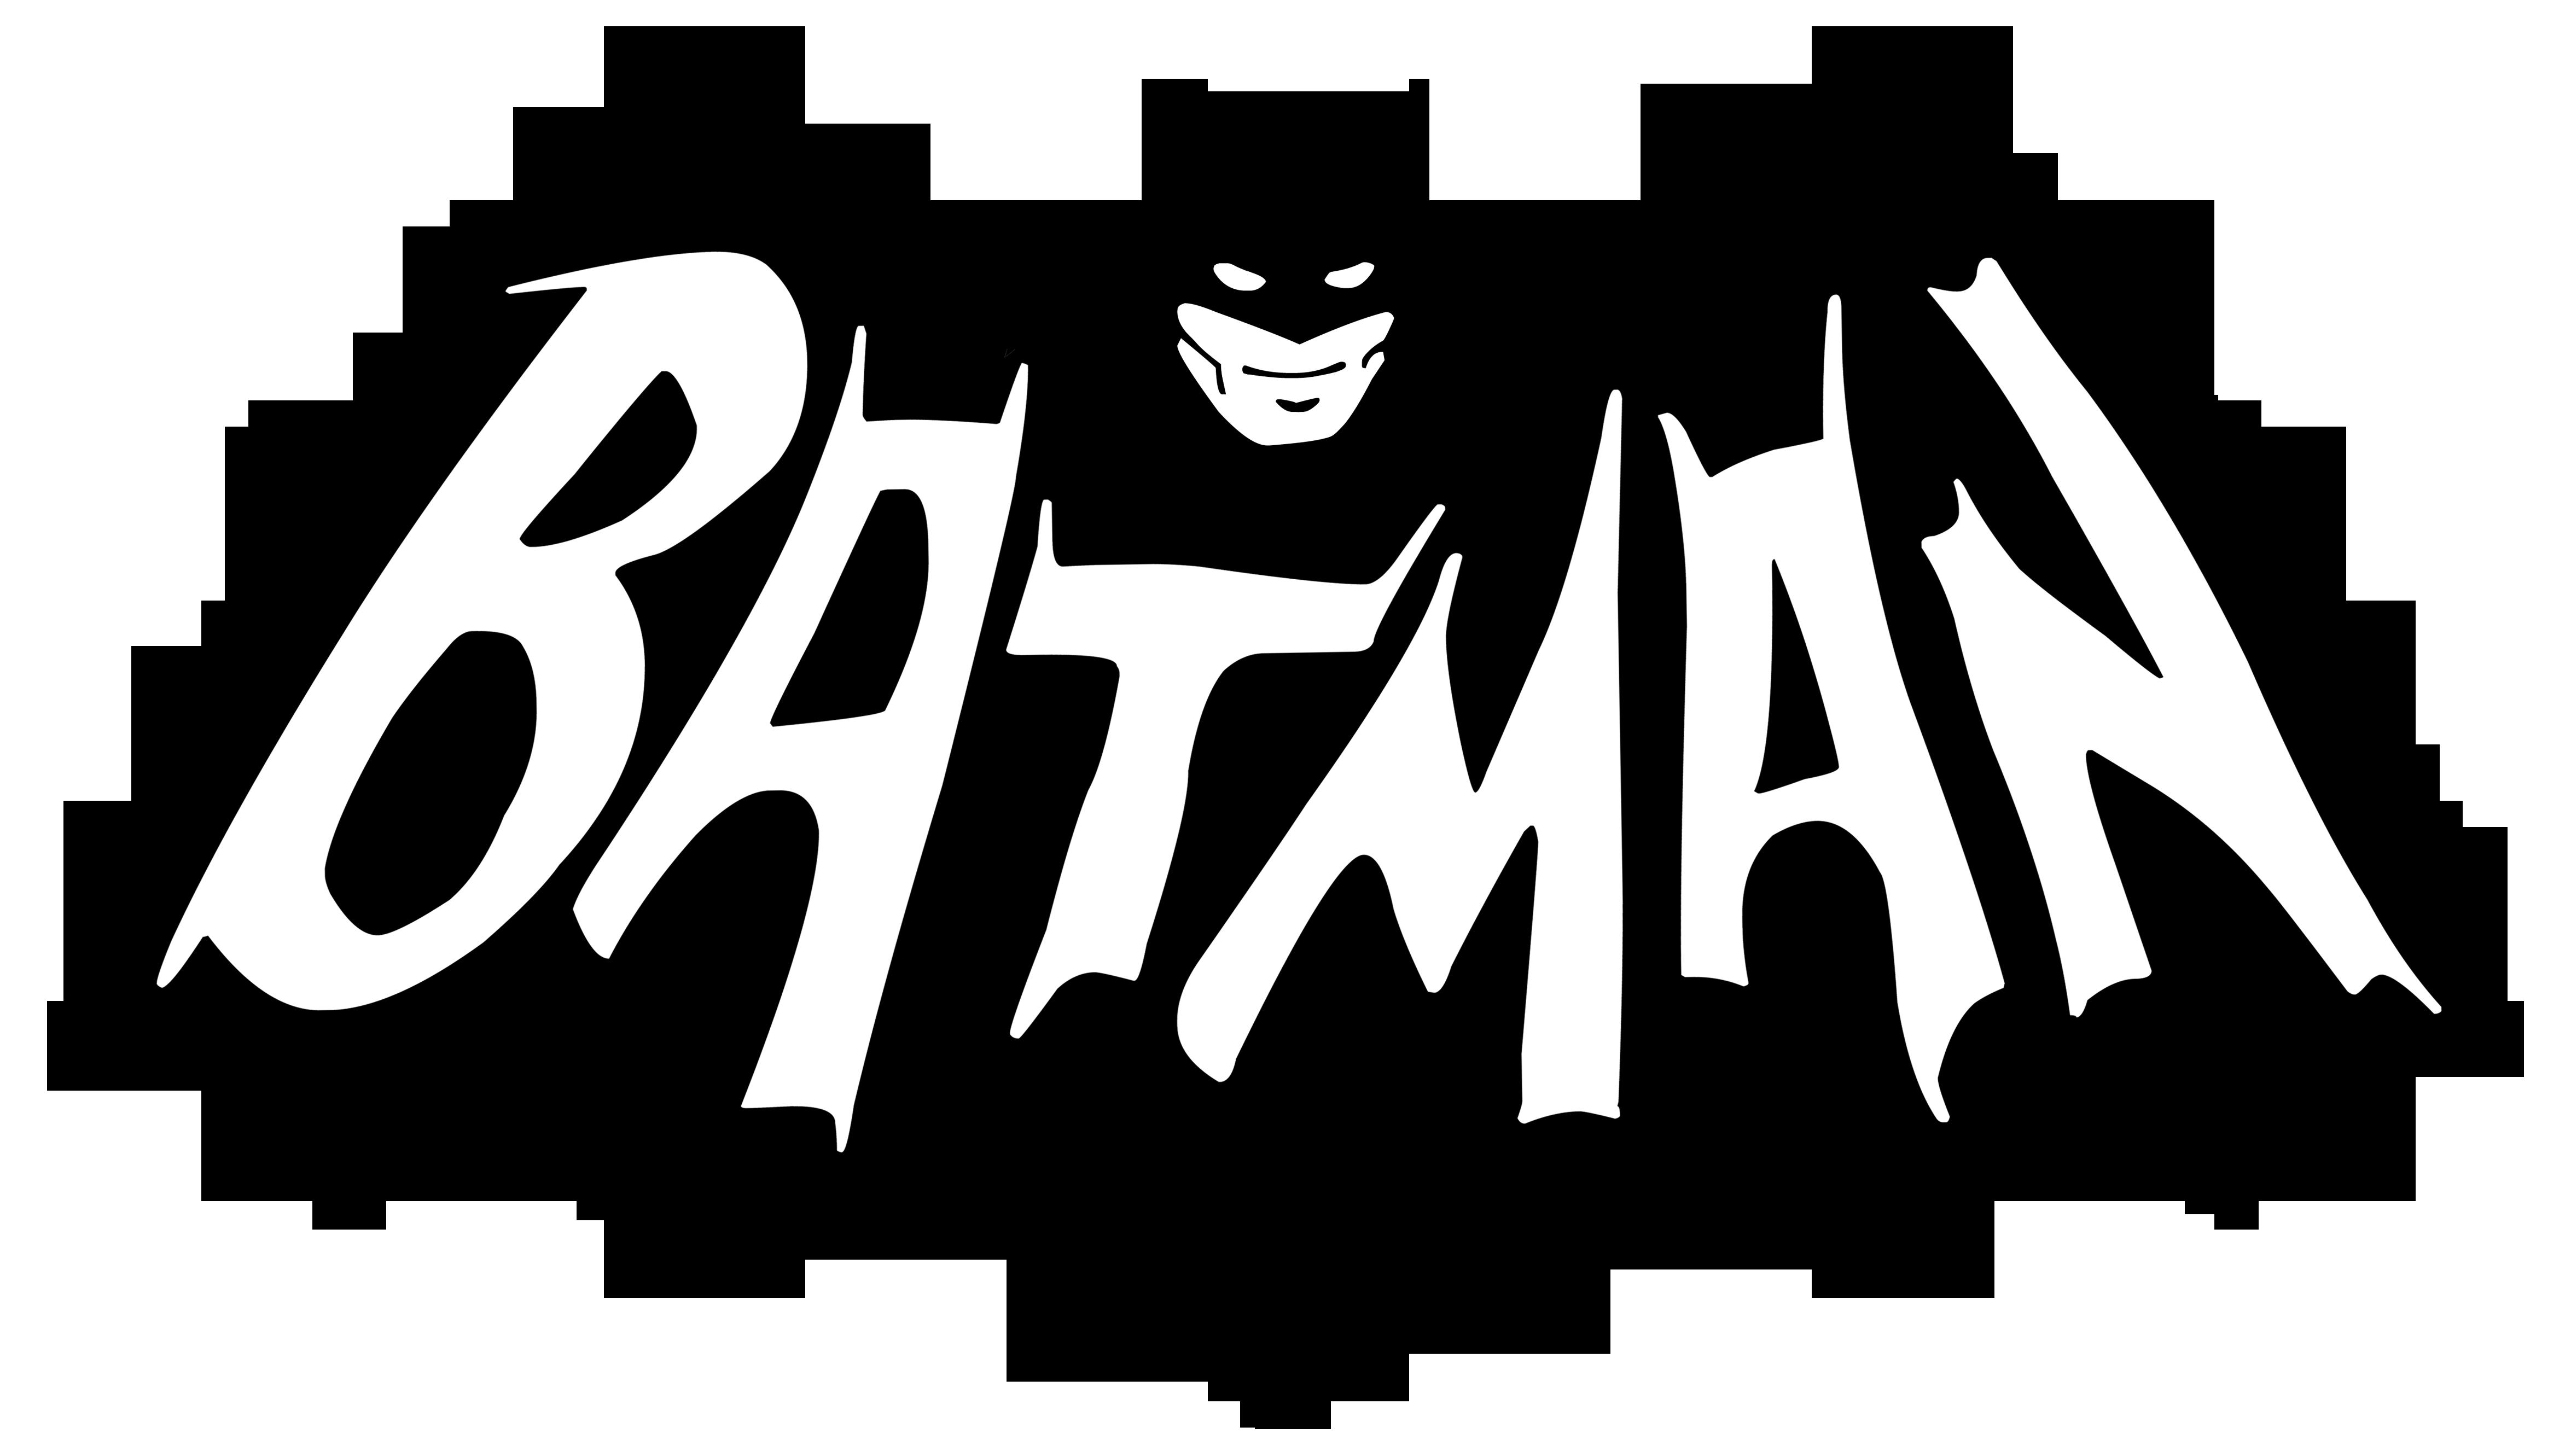 Clipart tv serial. Batman logo series by